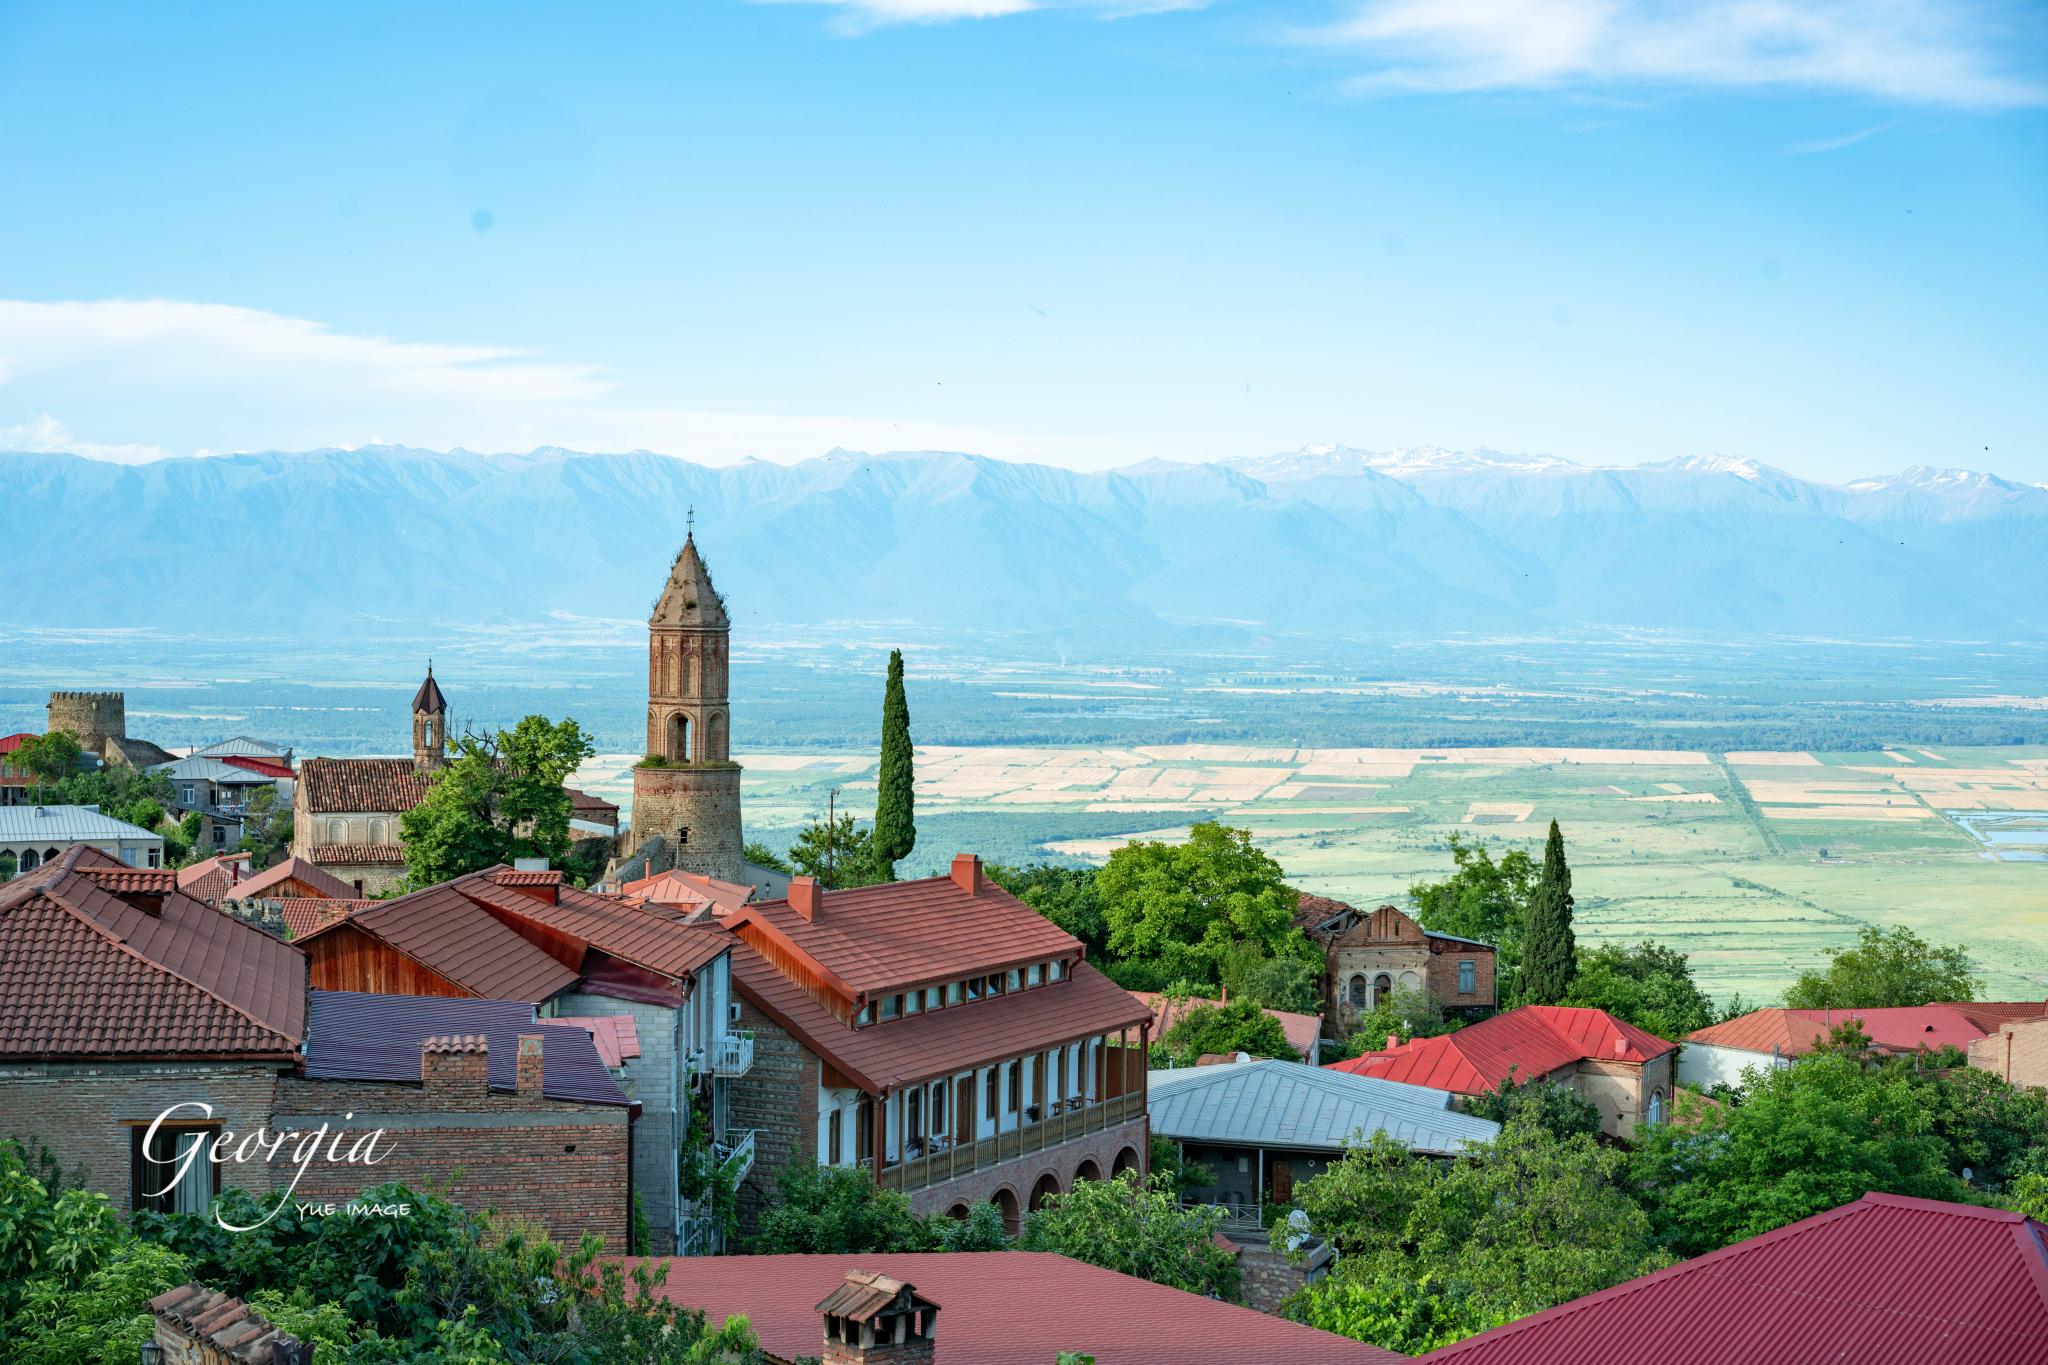 ·#间隔年旅行# 大山的呼唤,黑海的柔情,童话的酒庄,这里是人间秘境高加索_游记